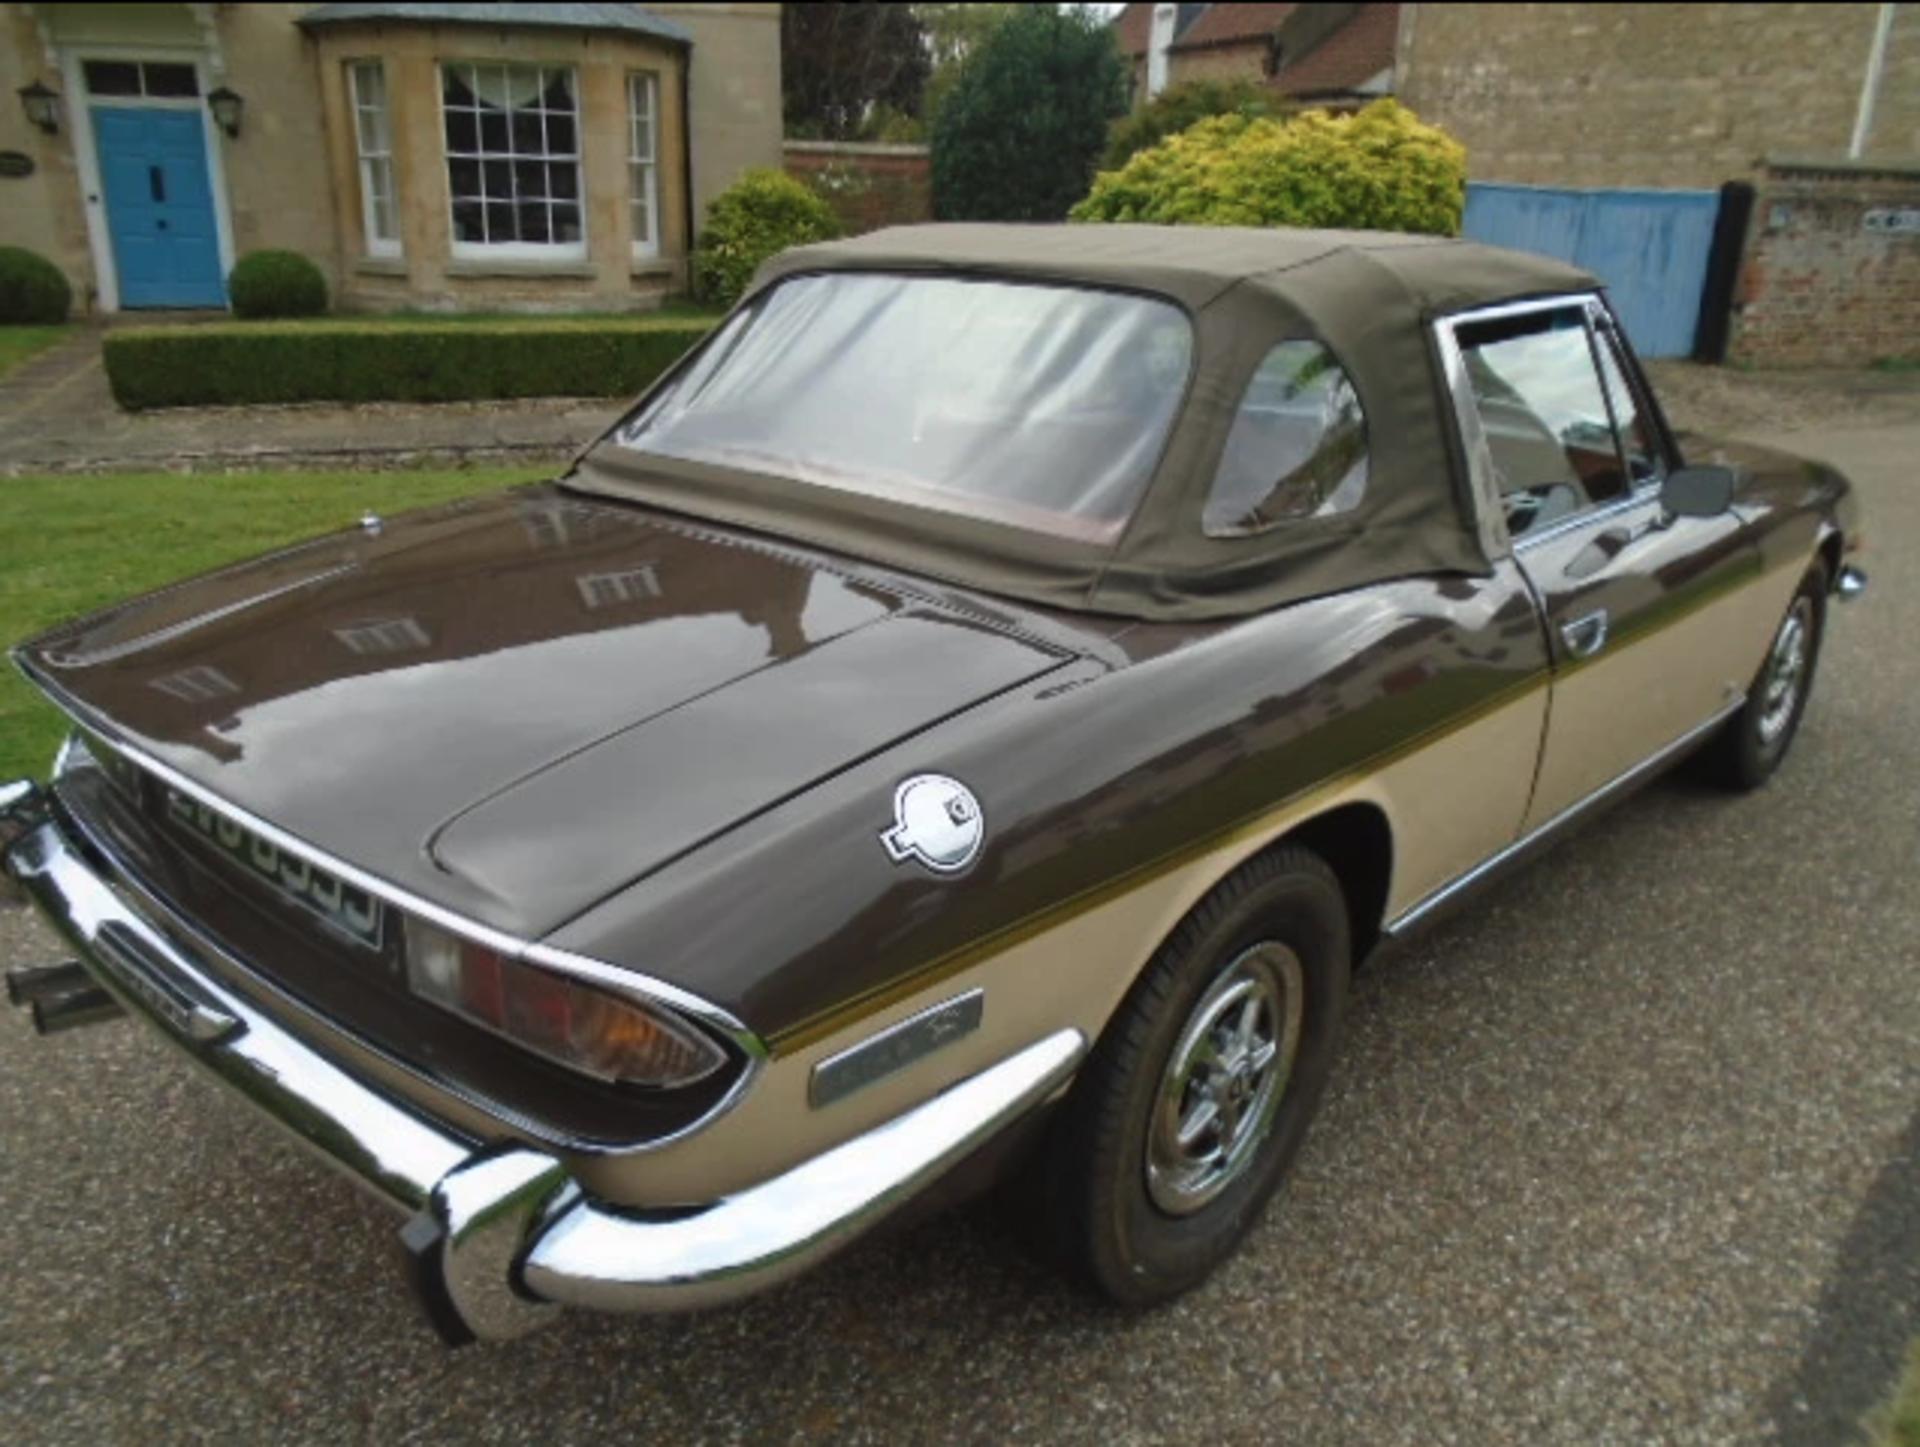 1971 Triumph Stag Mk1 - Image 3 of 6